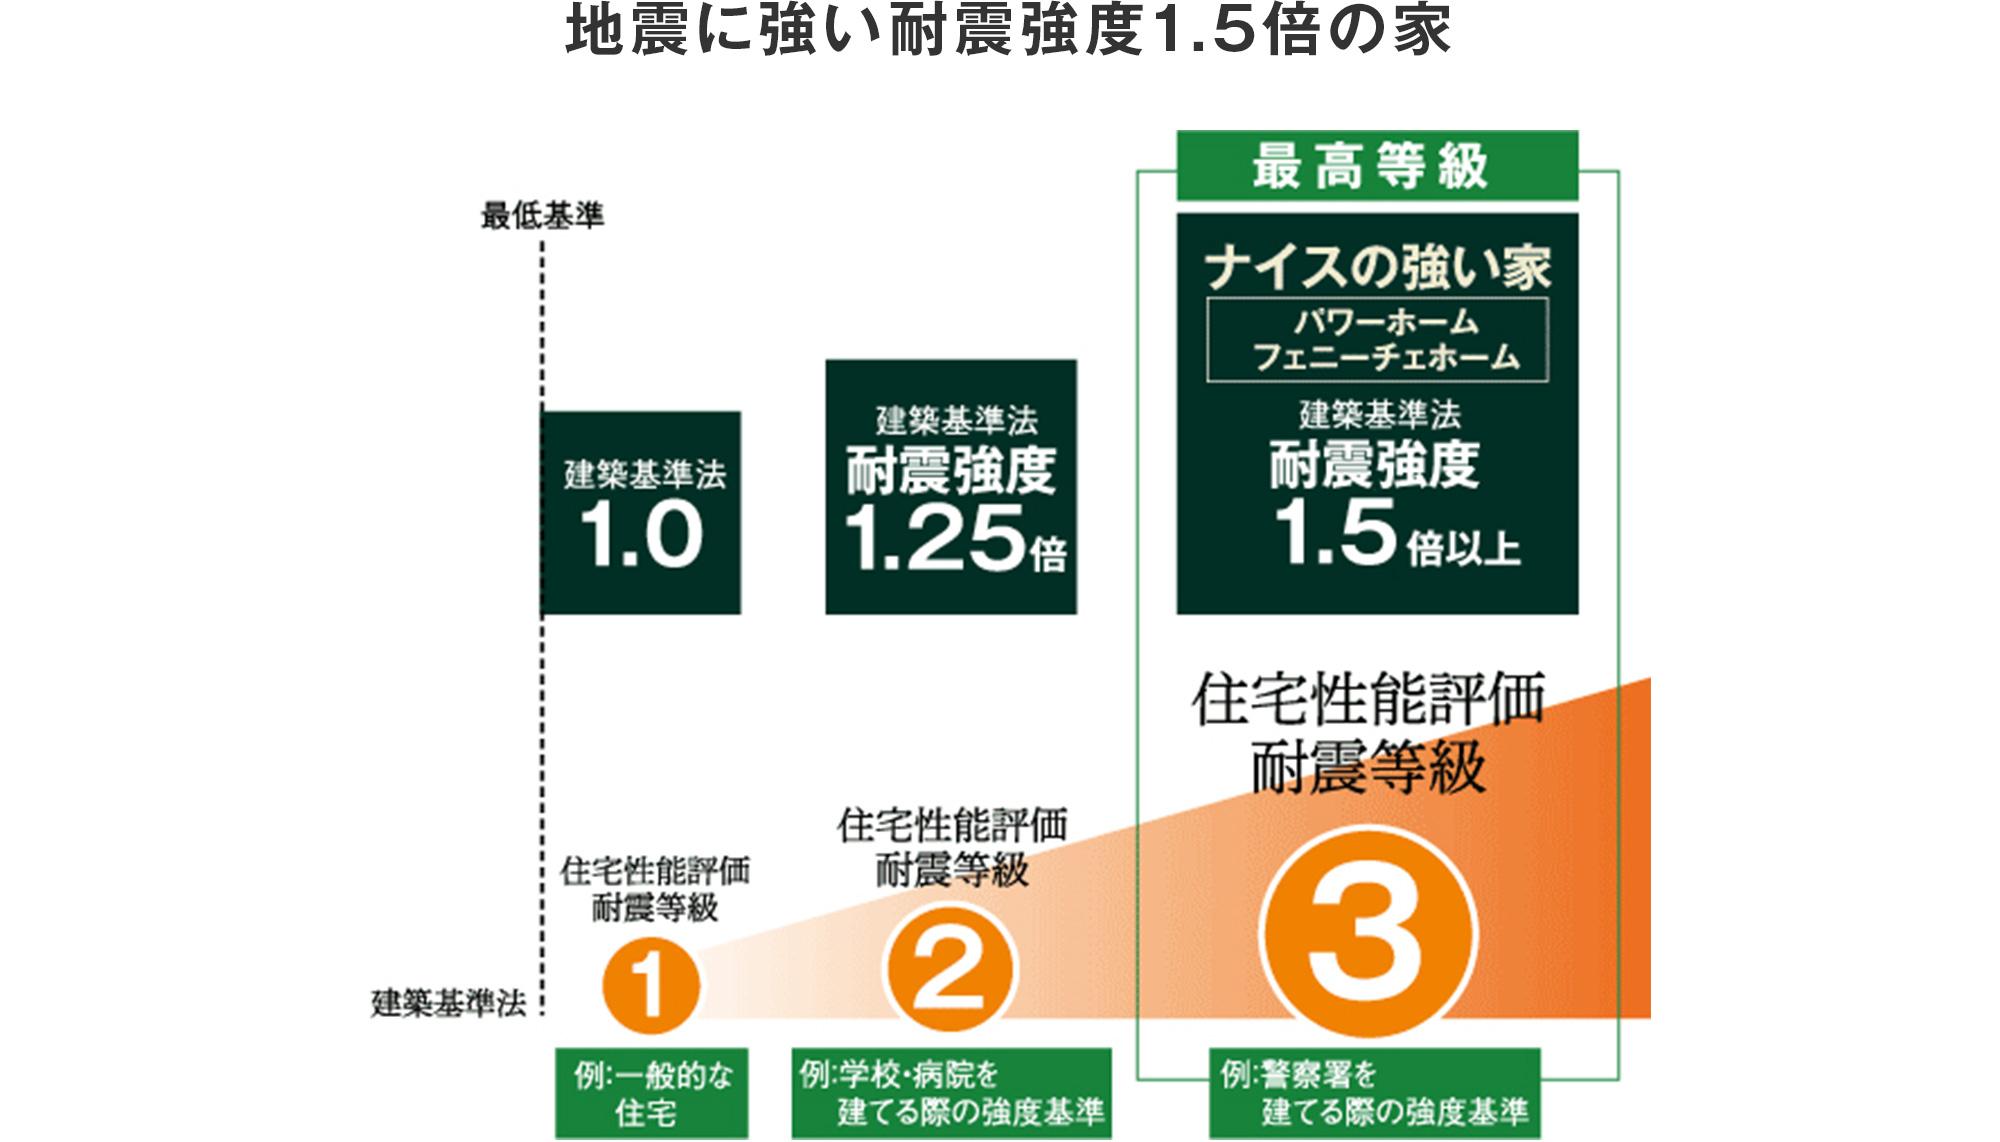 地震に強い1.5倍の家